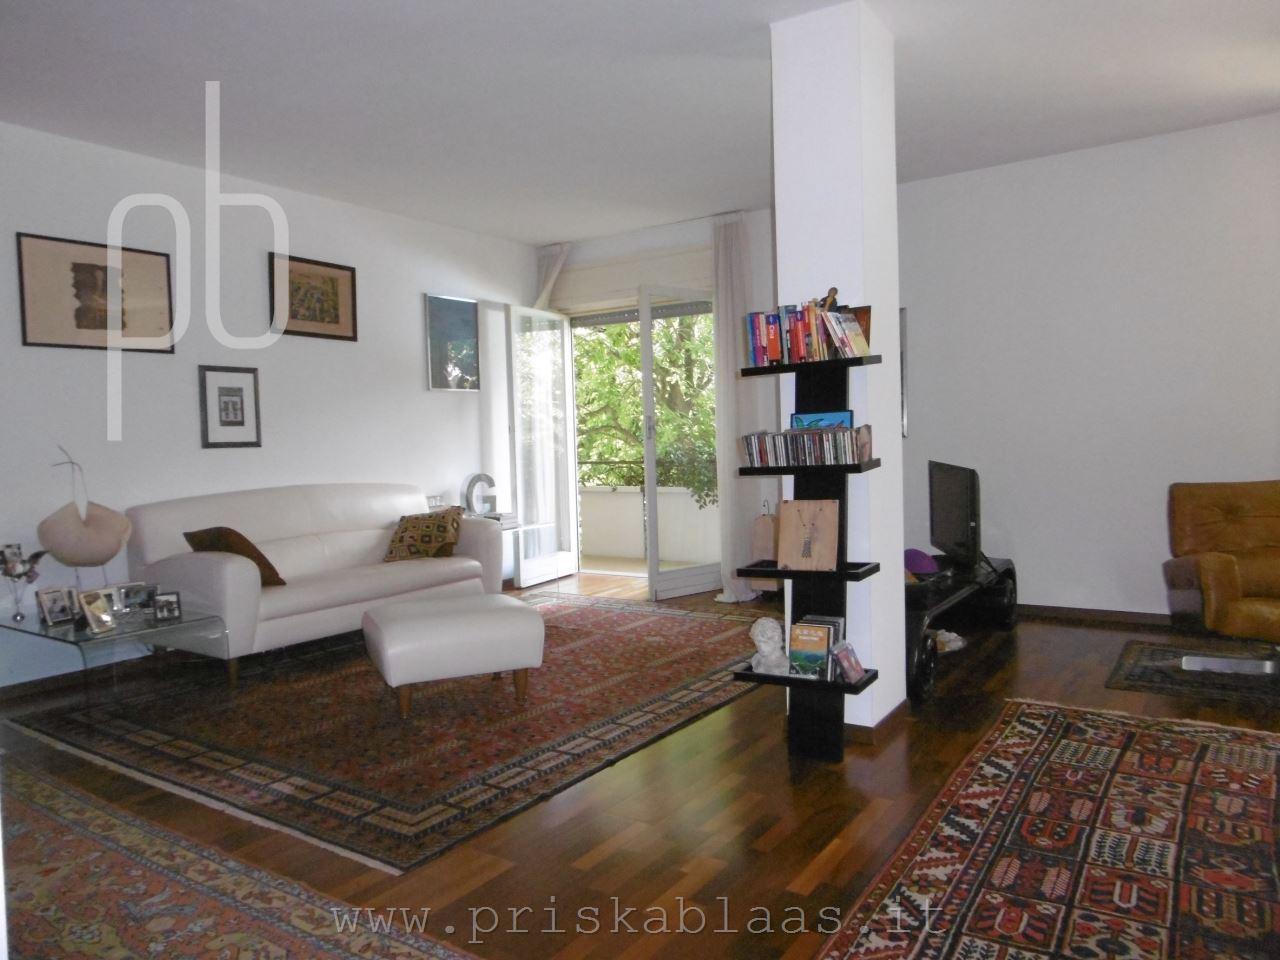 Appartamenti bolzano vendita e affitto annunci immobiliari for Subito it bolzano arredamento